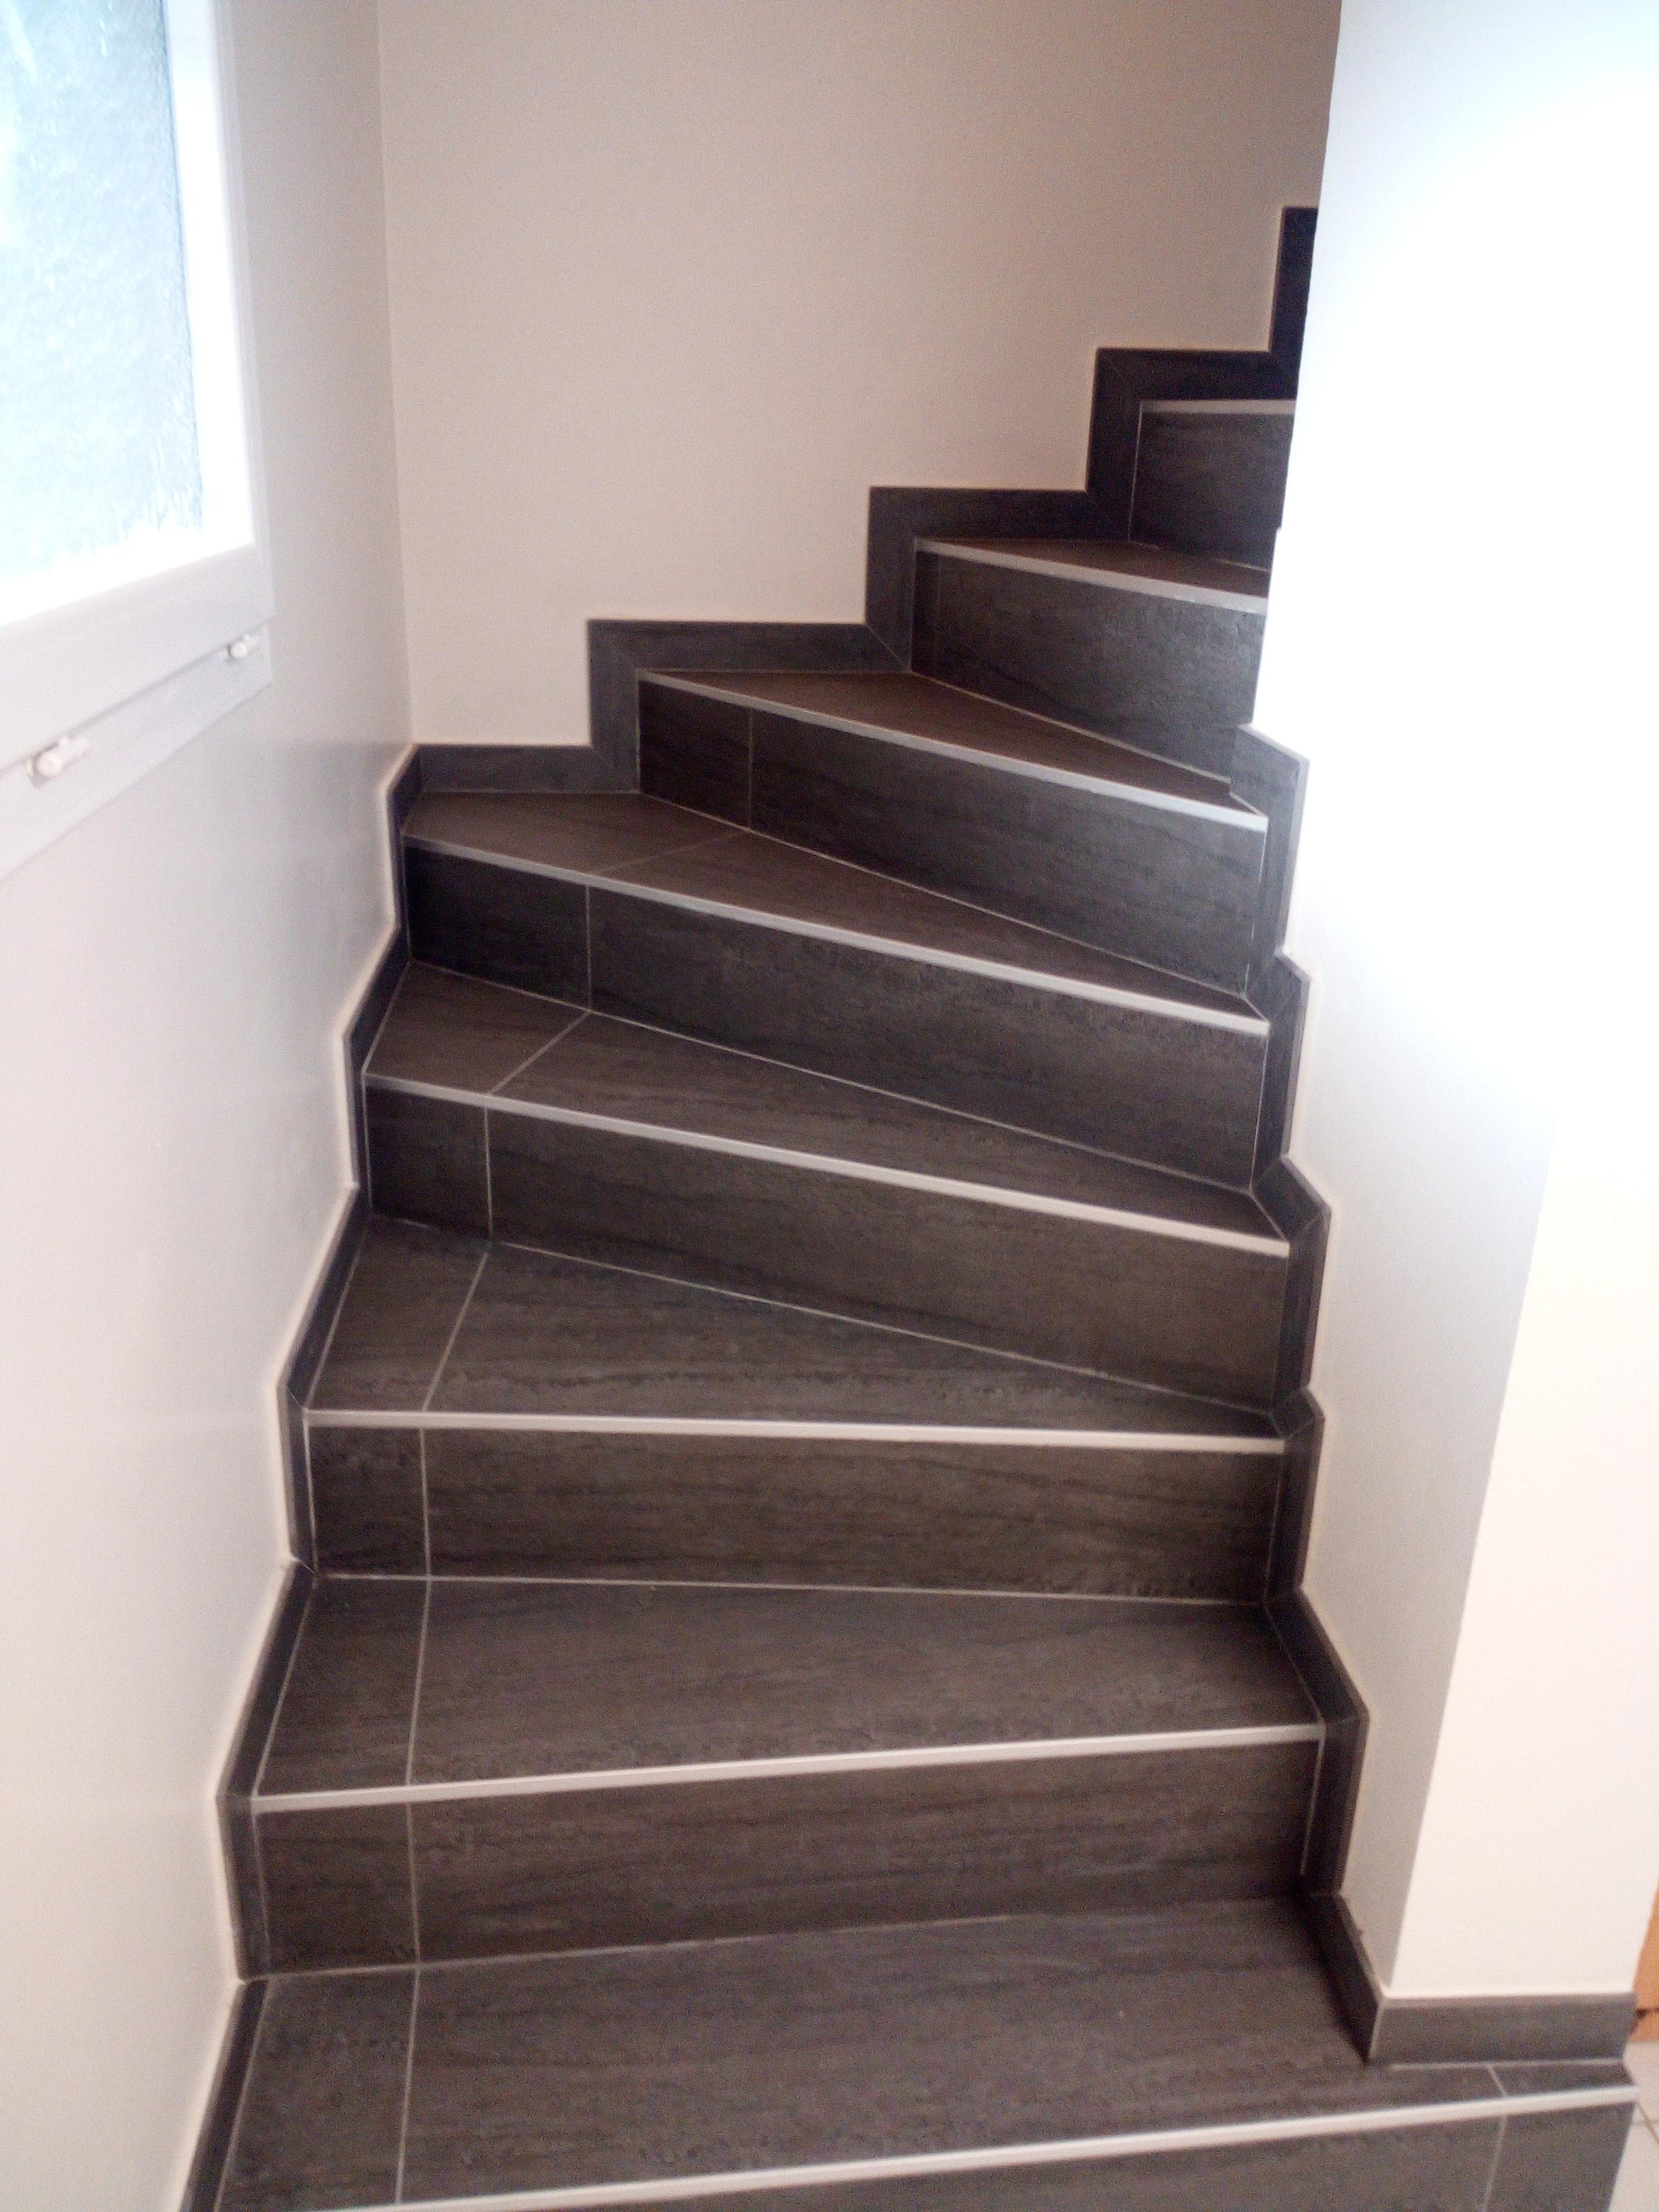 escalier carrelage joints alignés